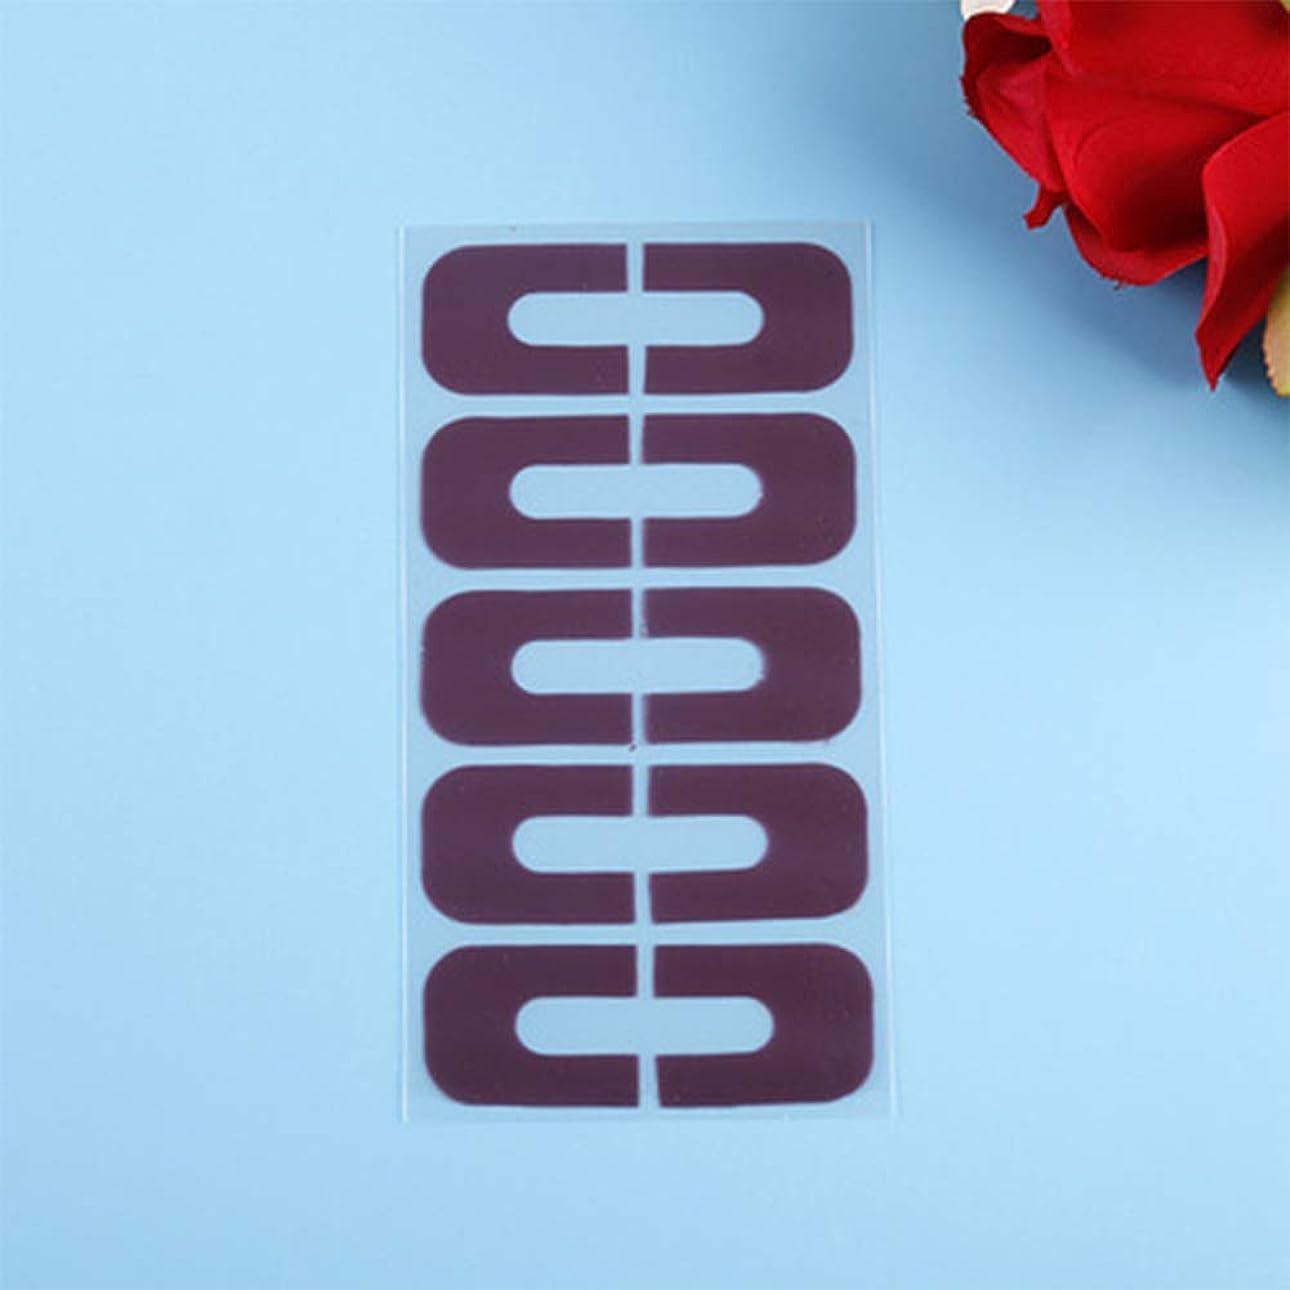 郡下手成熟したMurakush マニキュアツール 10ピース U字型 実用 マニキュア こぼれる爪 爪保護 ステッカー 抗オーバーフロー指スキンケア DIYツール purple